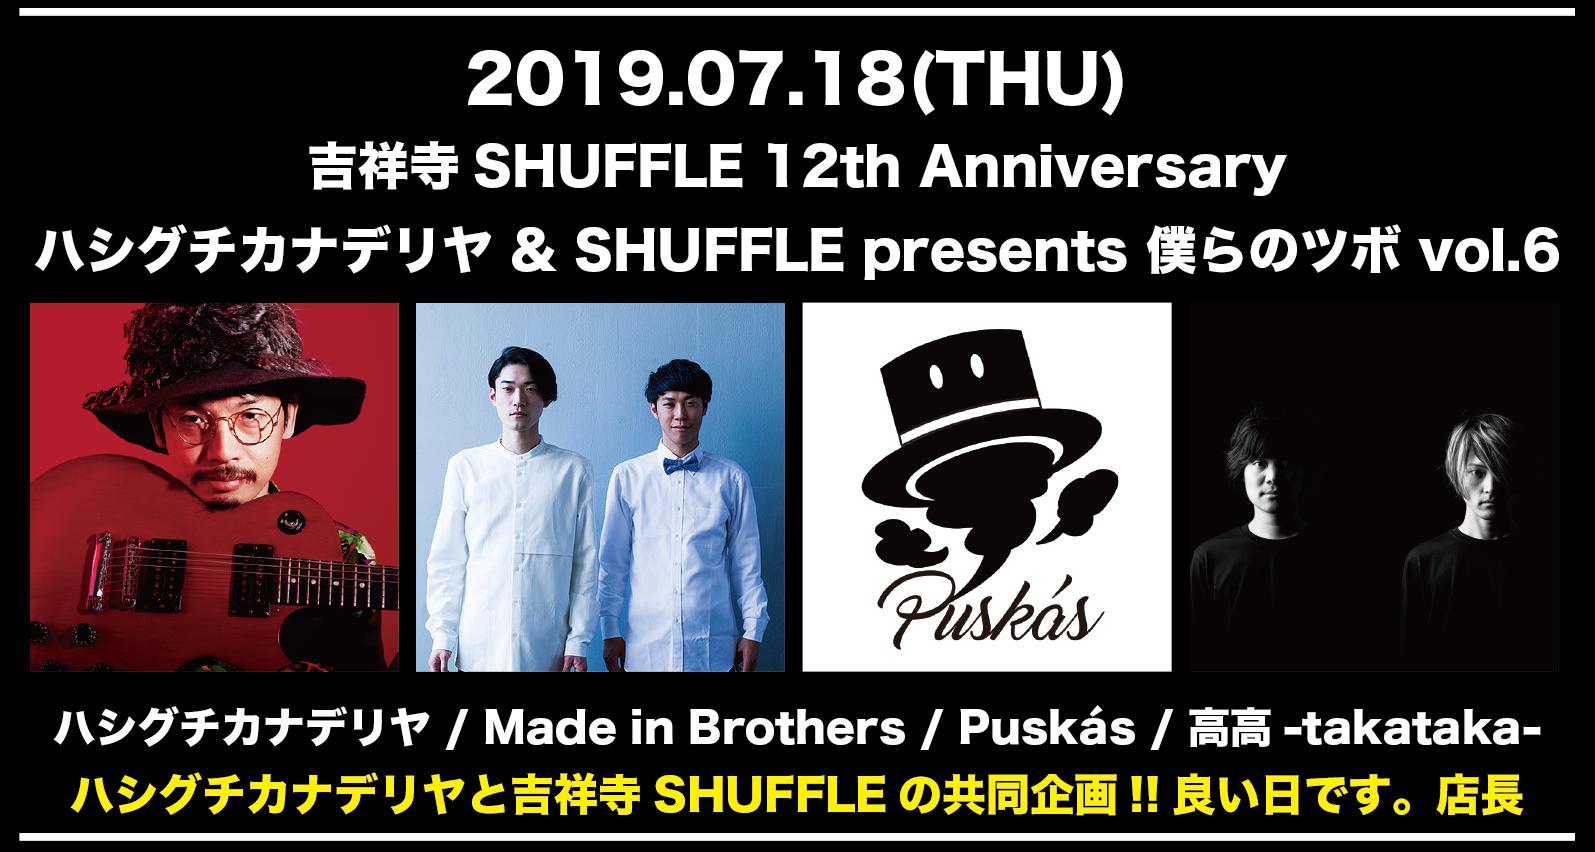 吉祥寺SHUFFLE 12th Anniversary ハシグチカナデリヤ & SHUFFLE presents 僕らのツボ vol.6